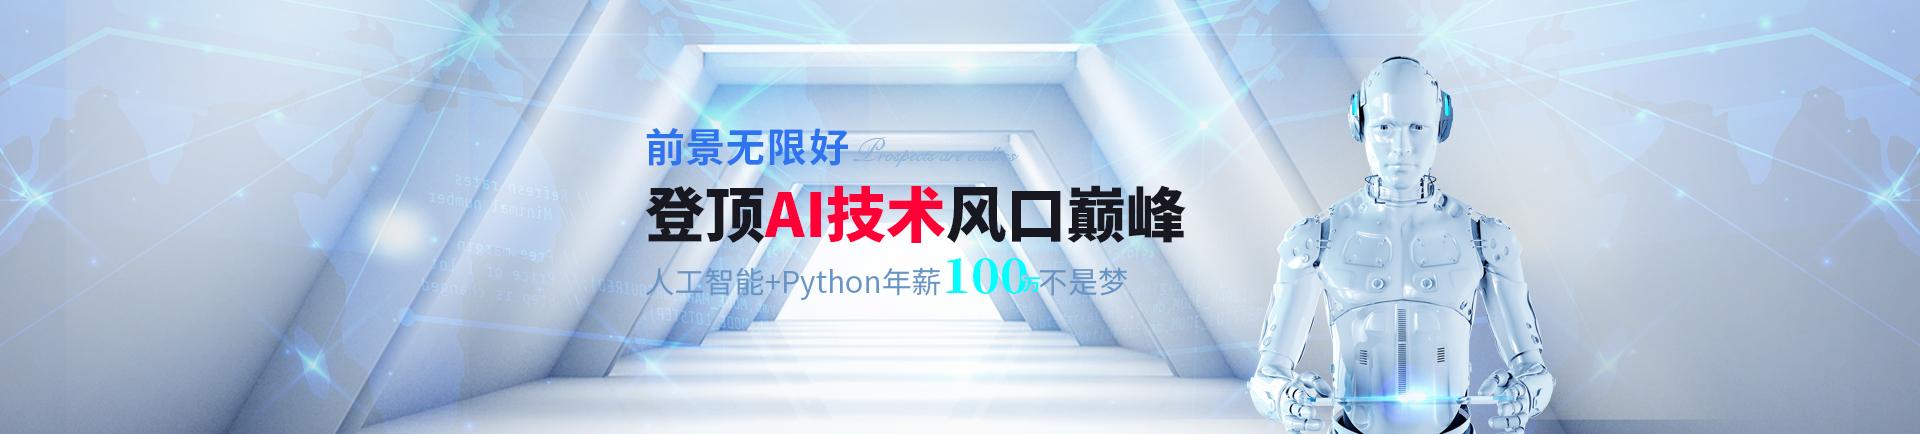 登顶AI技术风�巅峰 人工智能+Python年薪100万�是梦-suzhou